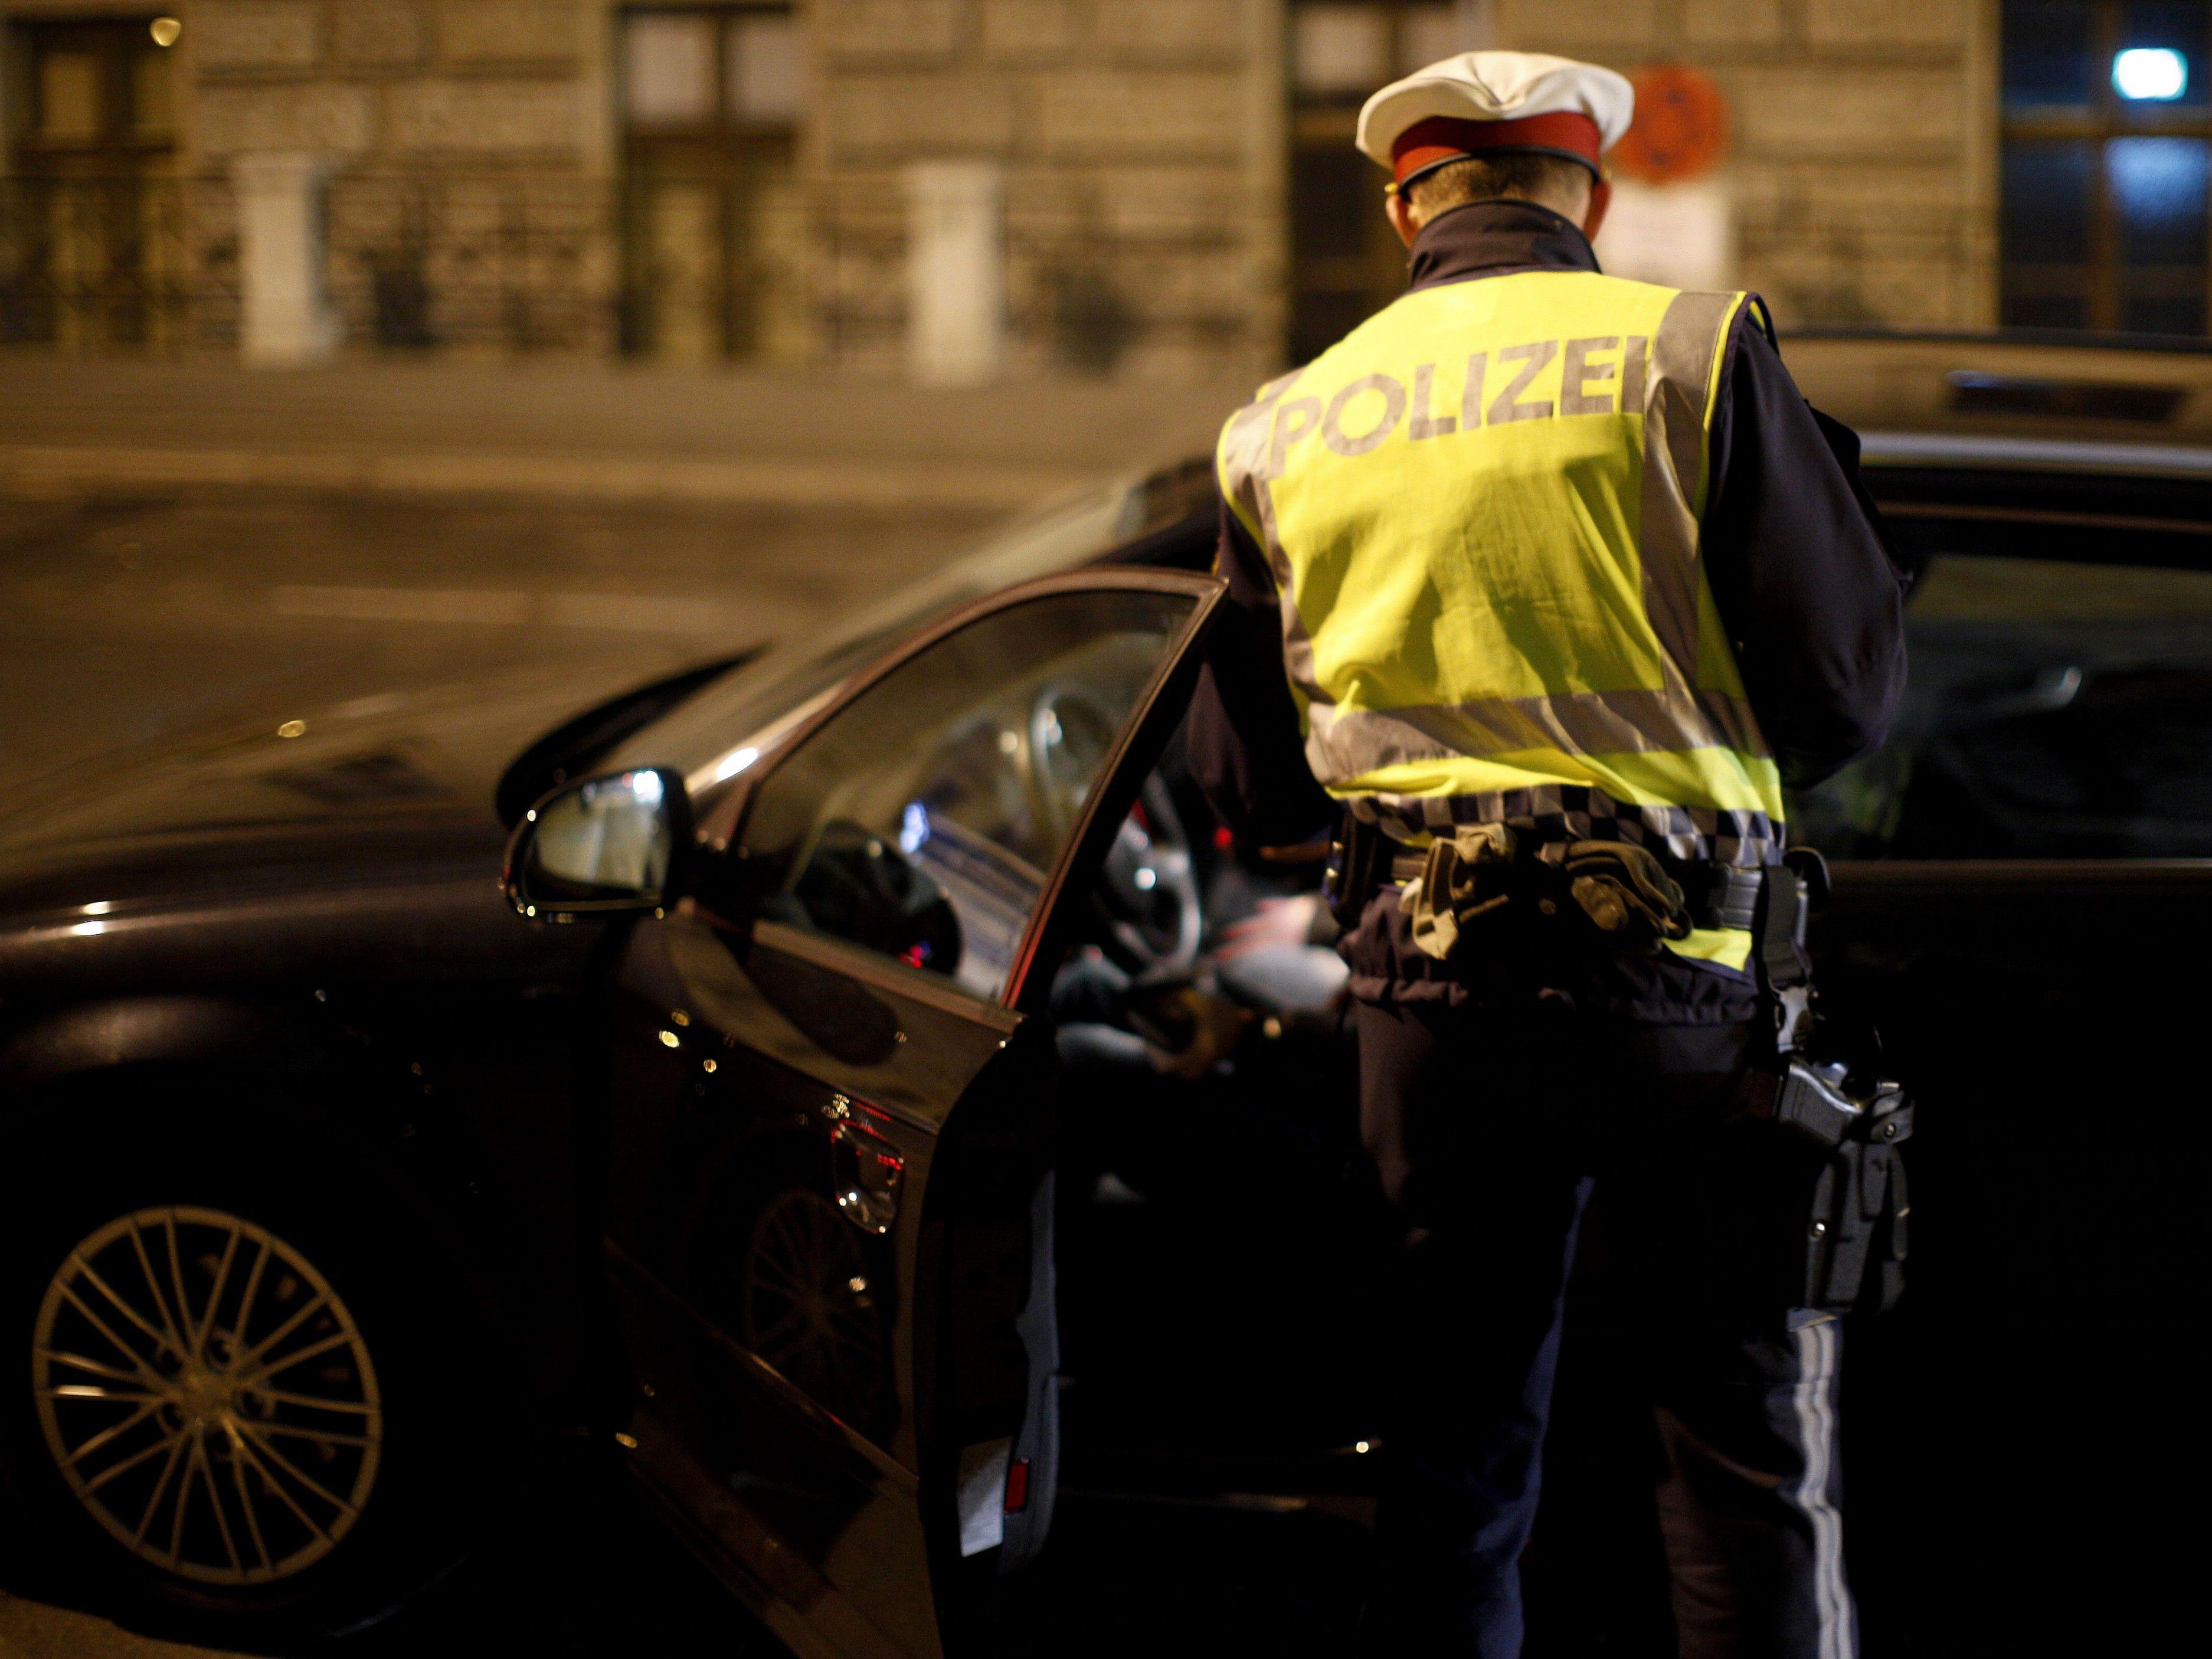 Bei einer Polizeikontrolle bekamen es Polizisten mit einem Staatsverweigerer zu tun